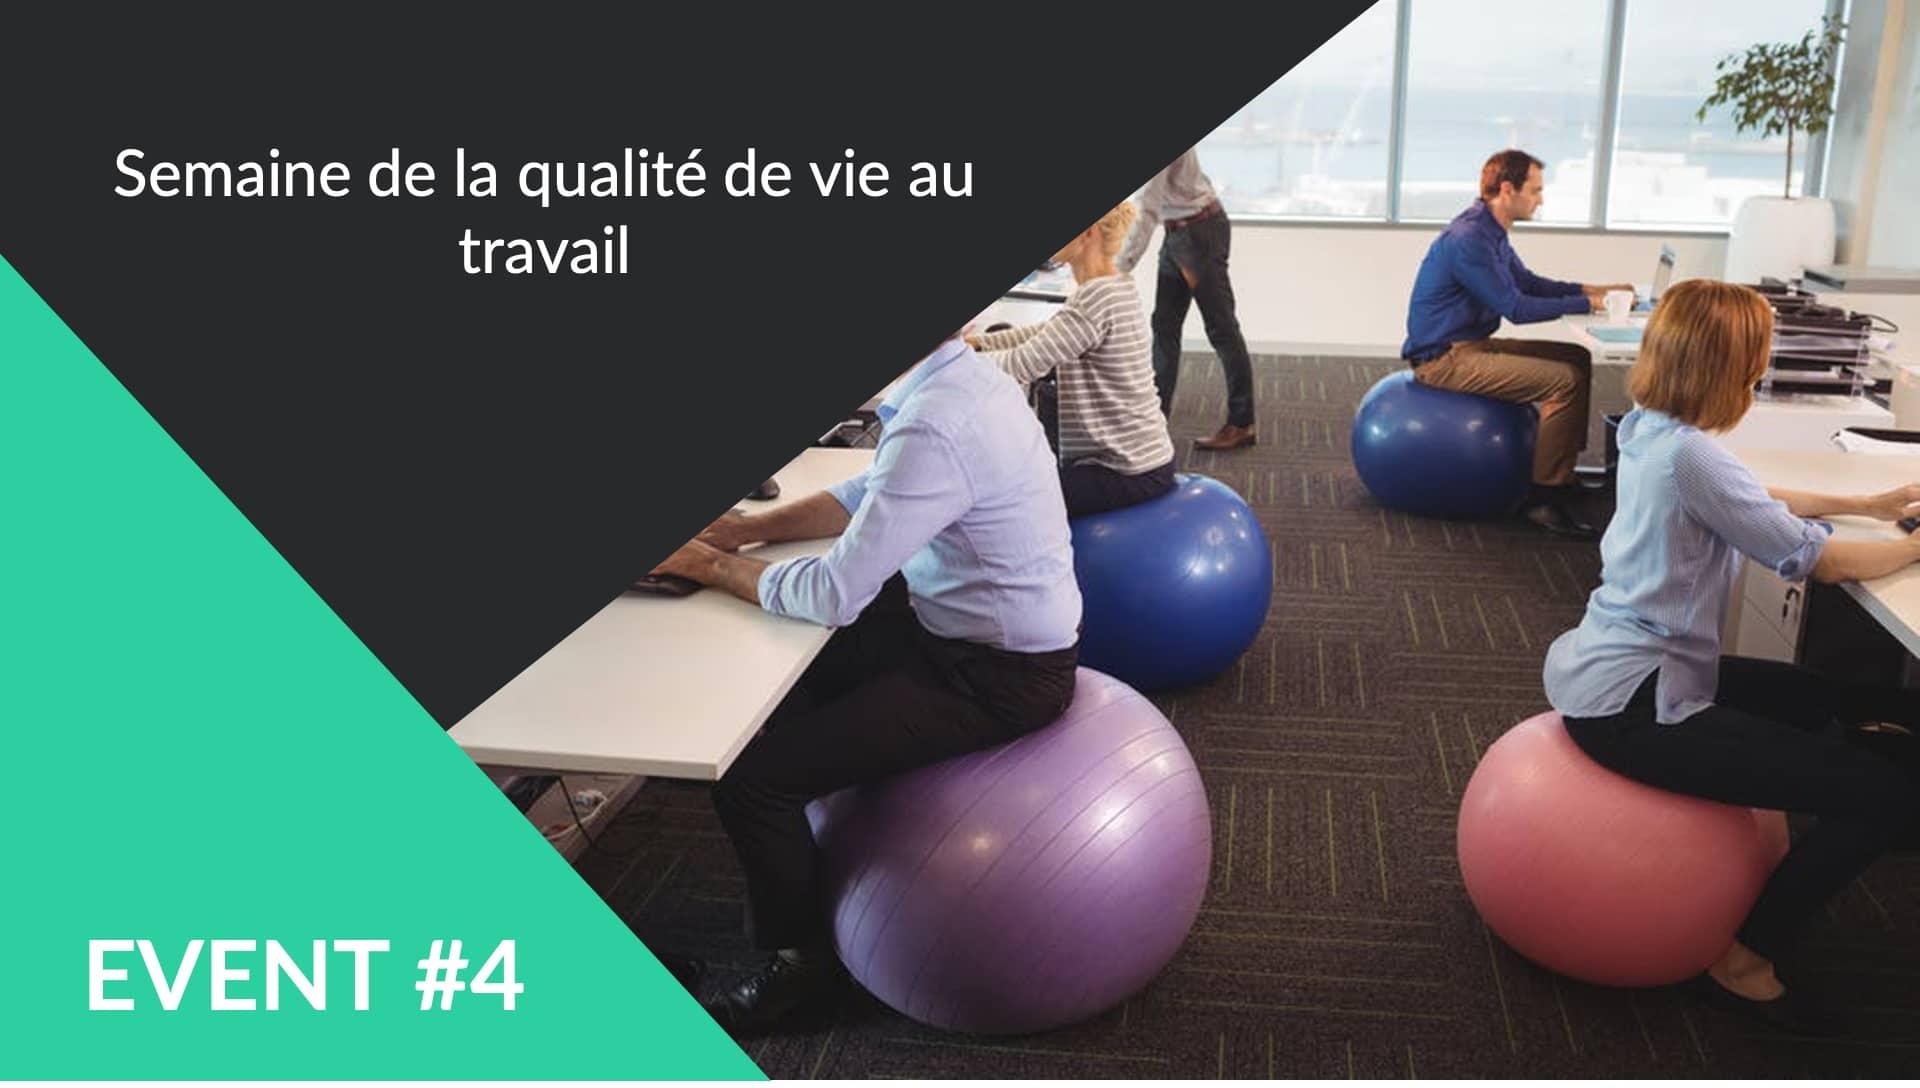 WeChamp - Conférence - Semaine de la qualité de vie au travail